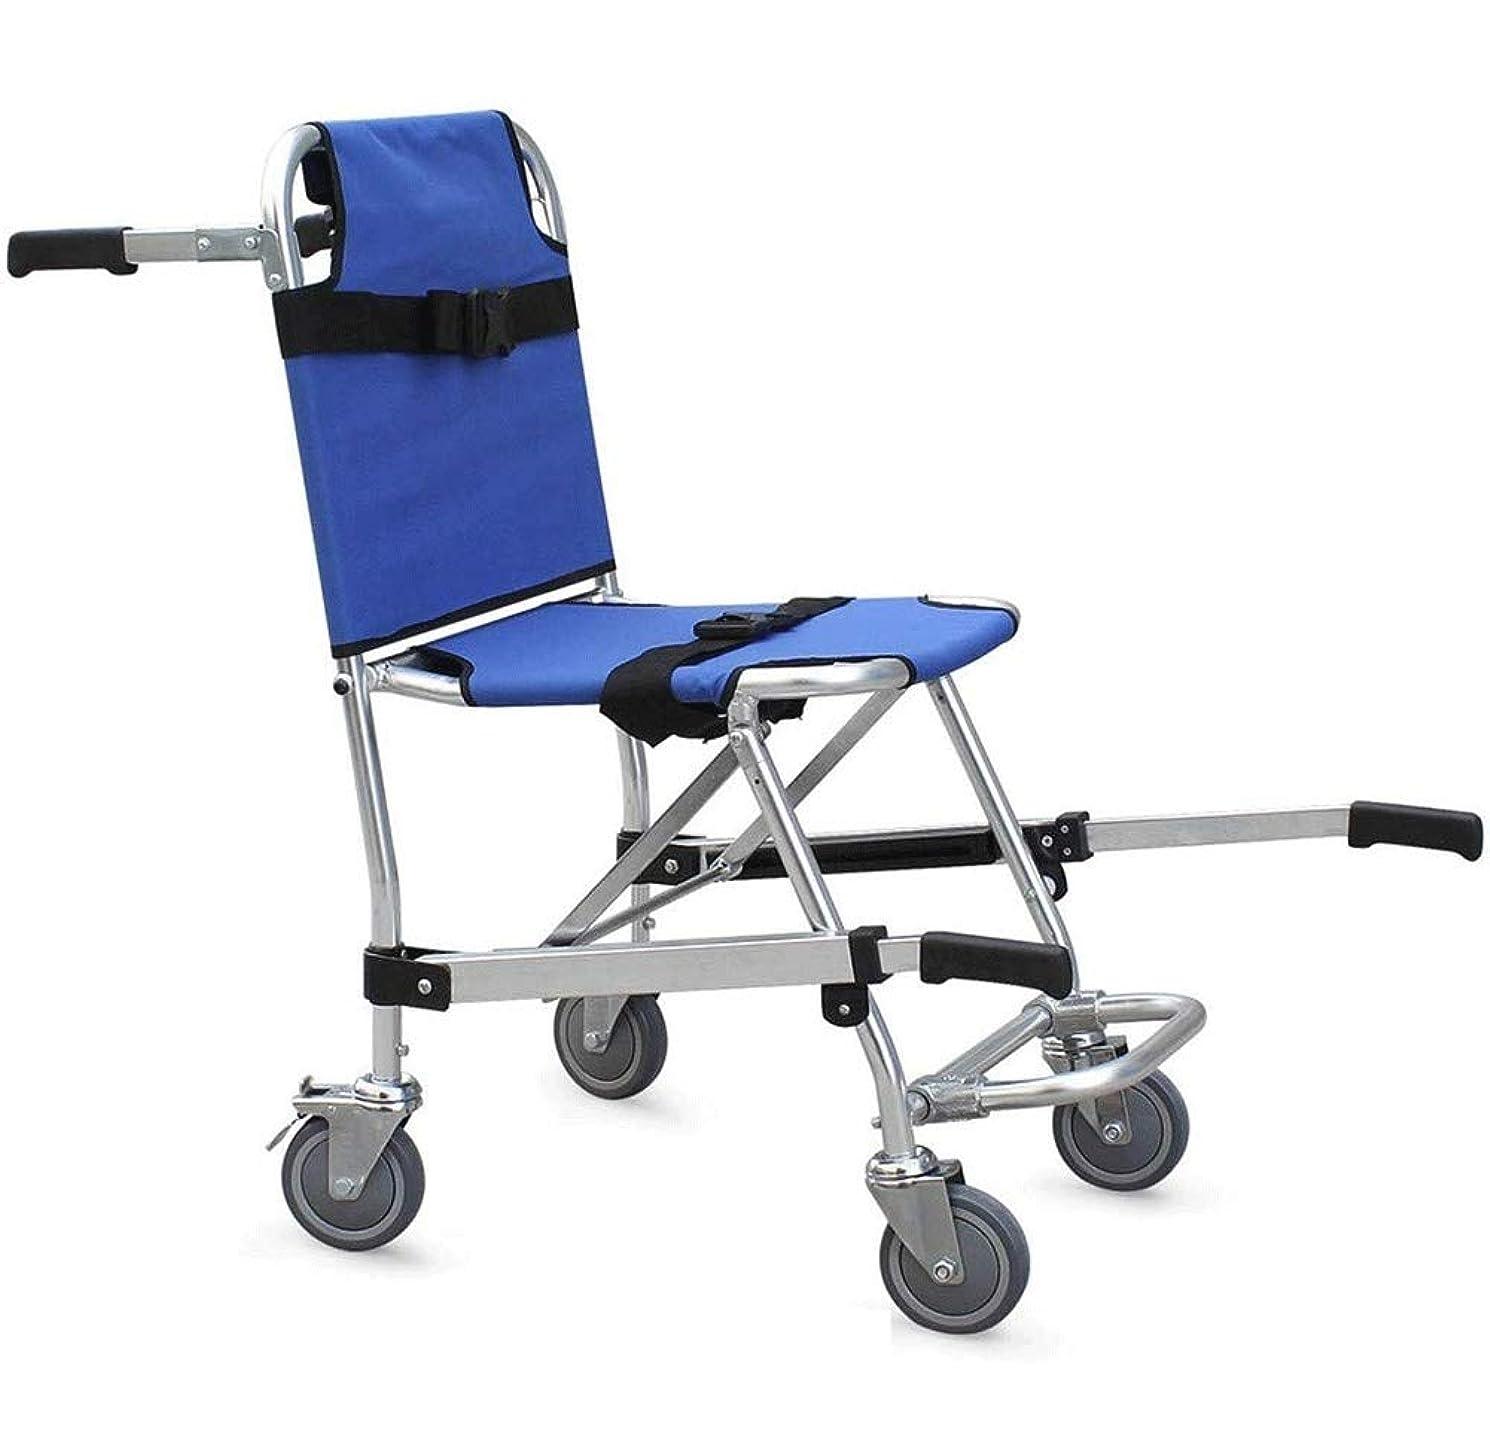 歯つかまえる療法救急車消防士避難用のEMS階段椅子緊急4ホイール救急消防避難医療交通委員長、350ポンド容量